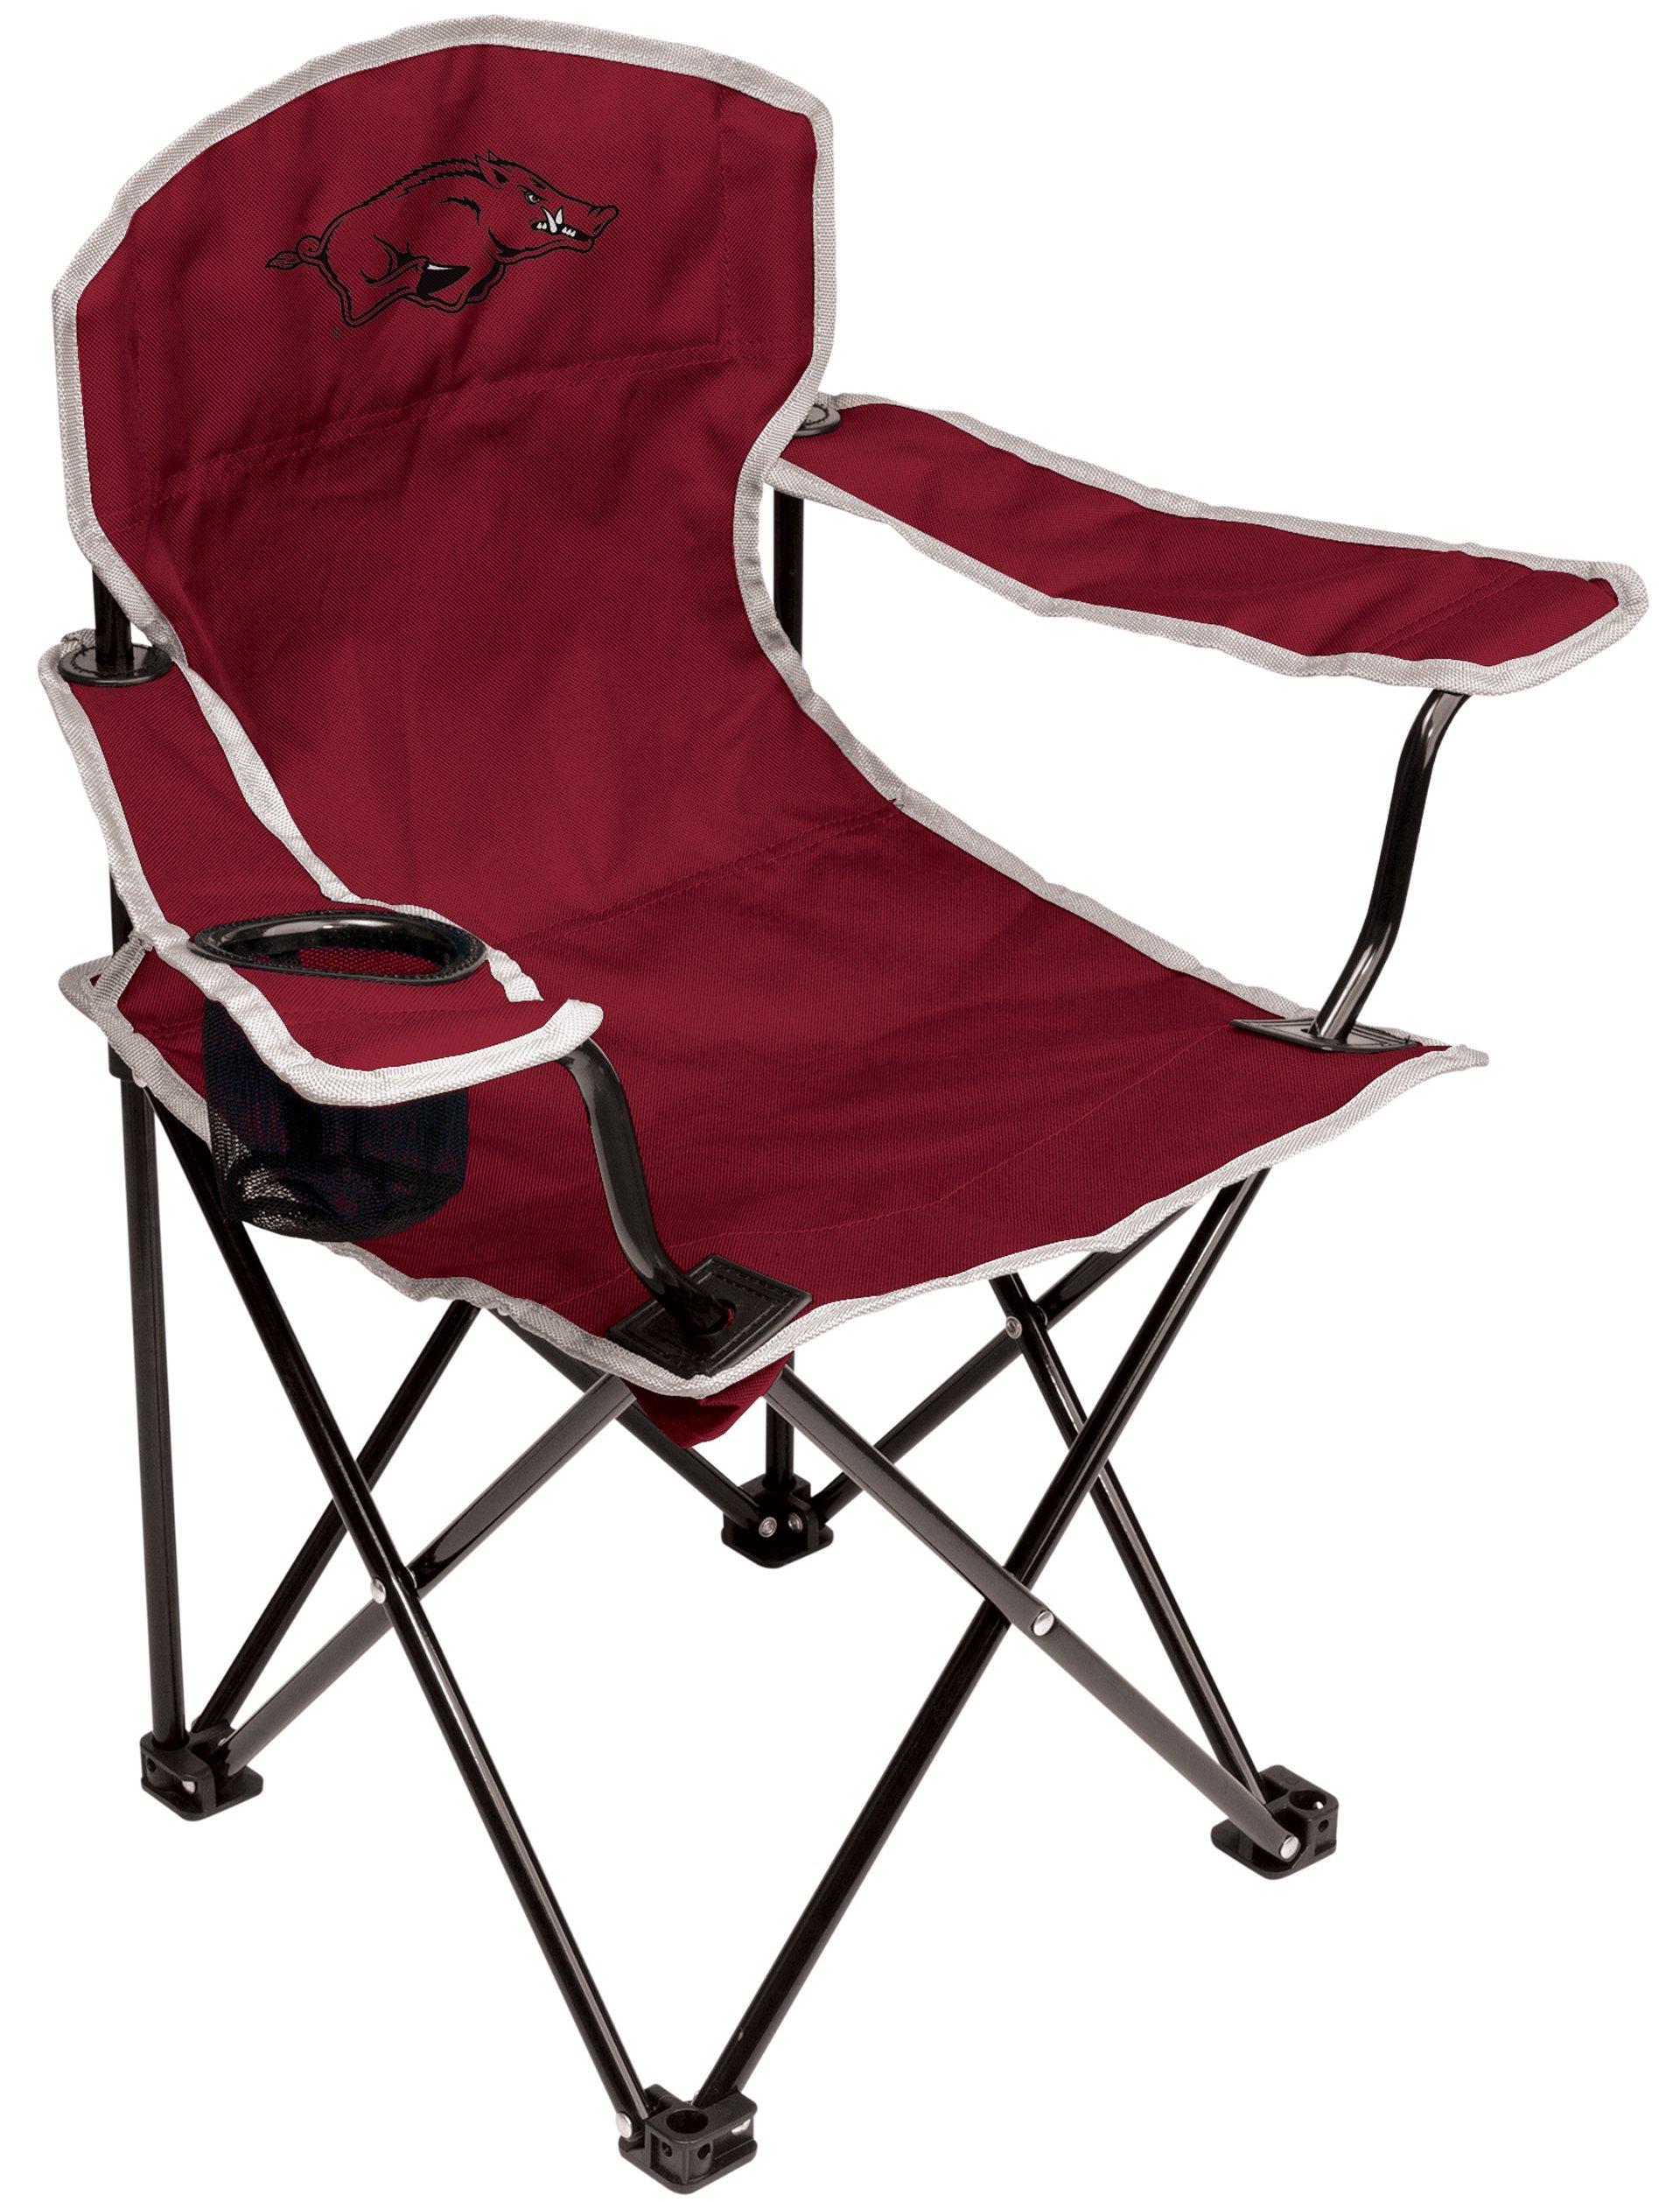 NCAA Arkansas Razorbacks Youth Folding Chair, Red